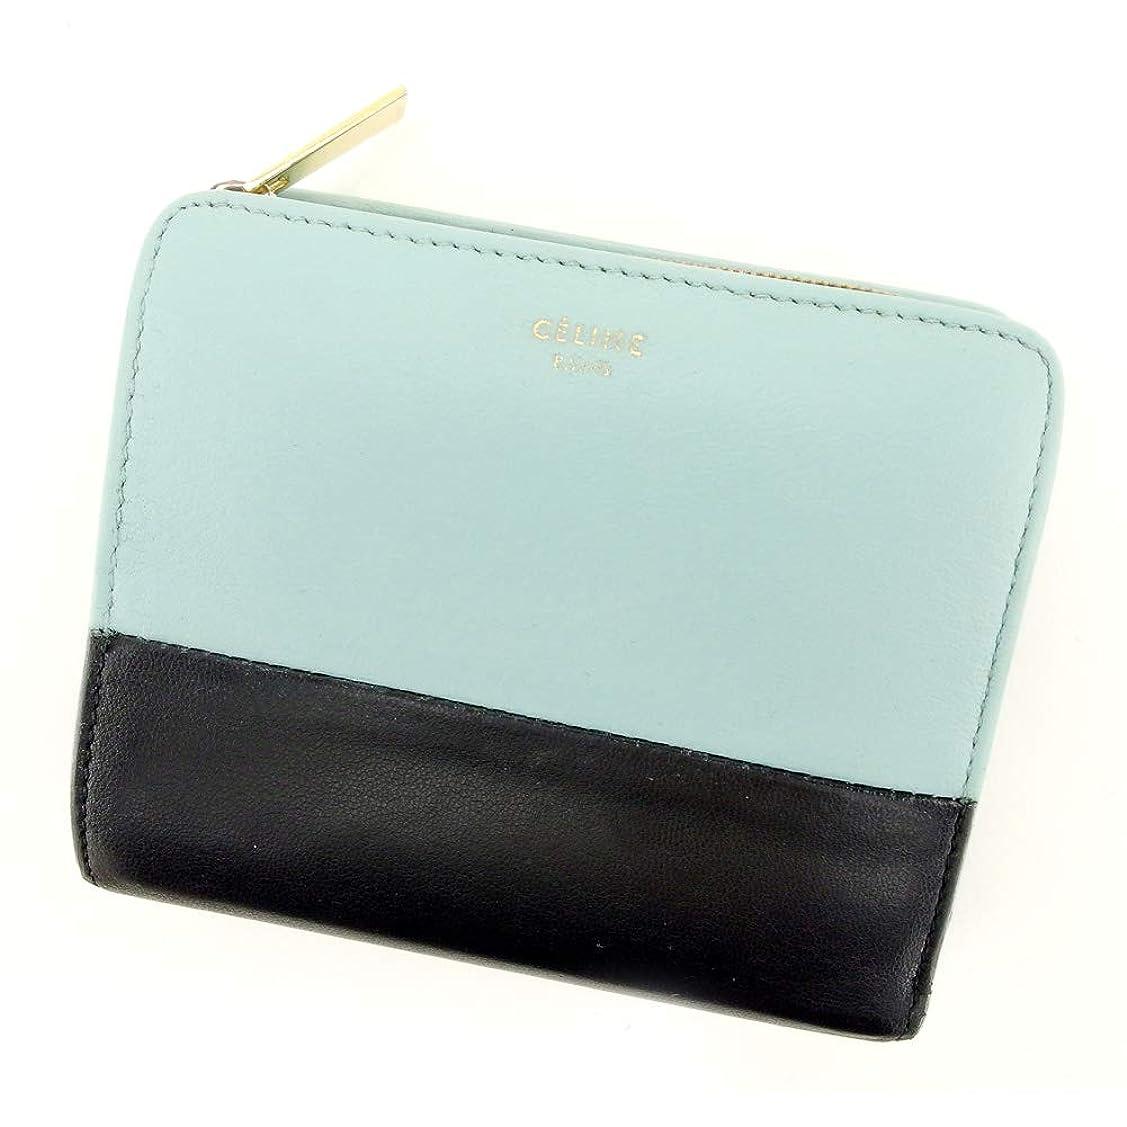 後継チャペルステージ[セリーヌ] Celine 二つ折り 財布 財布 レディース メンズ バイカラー 中古 T9413